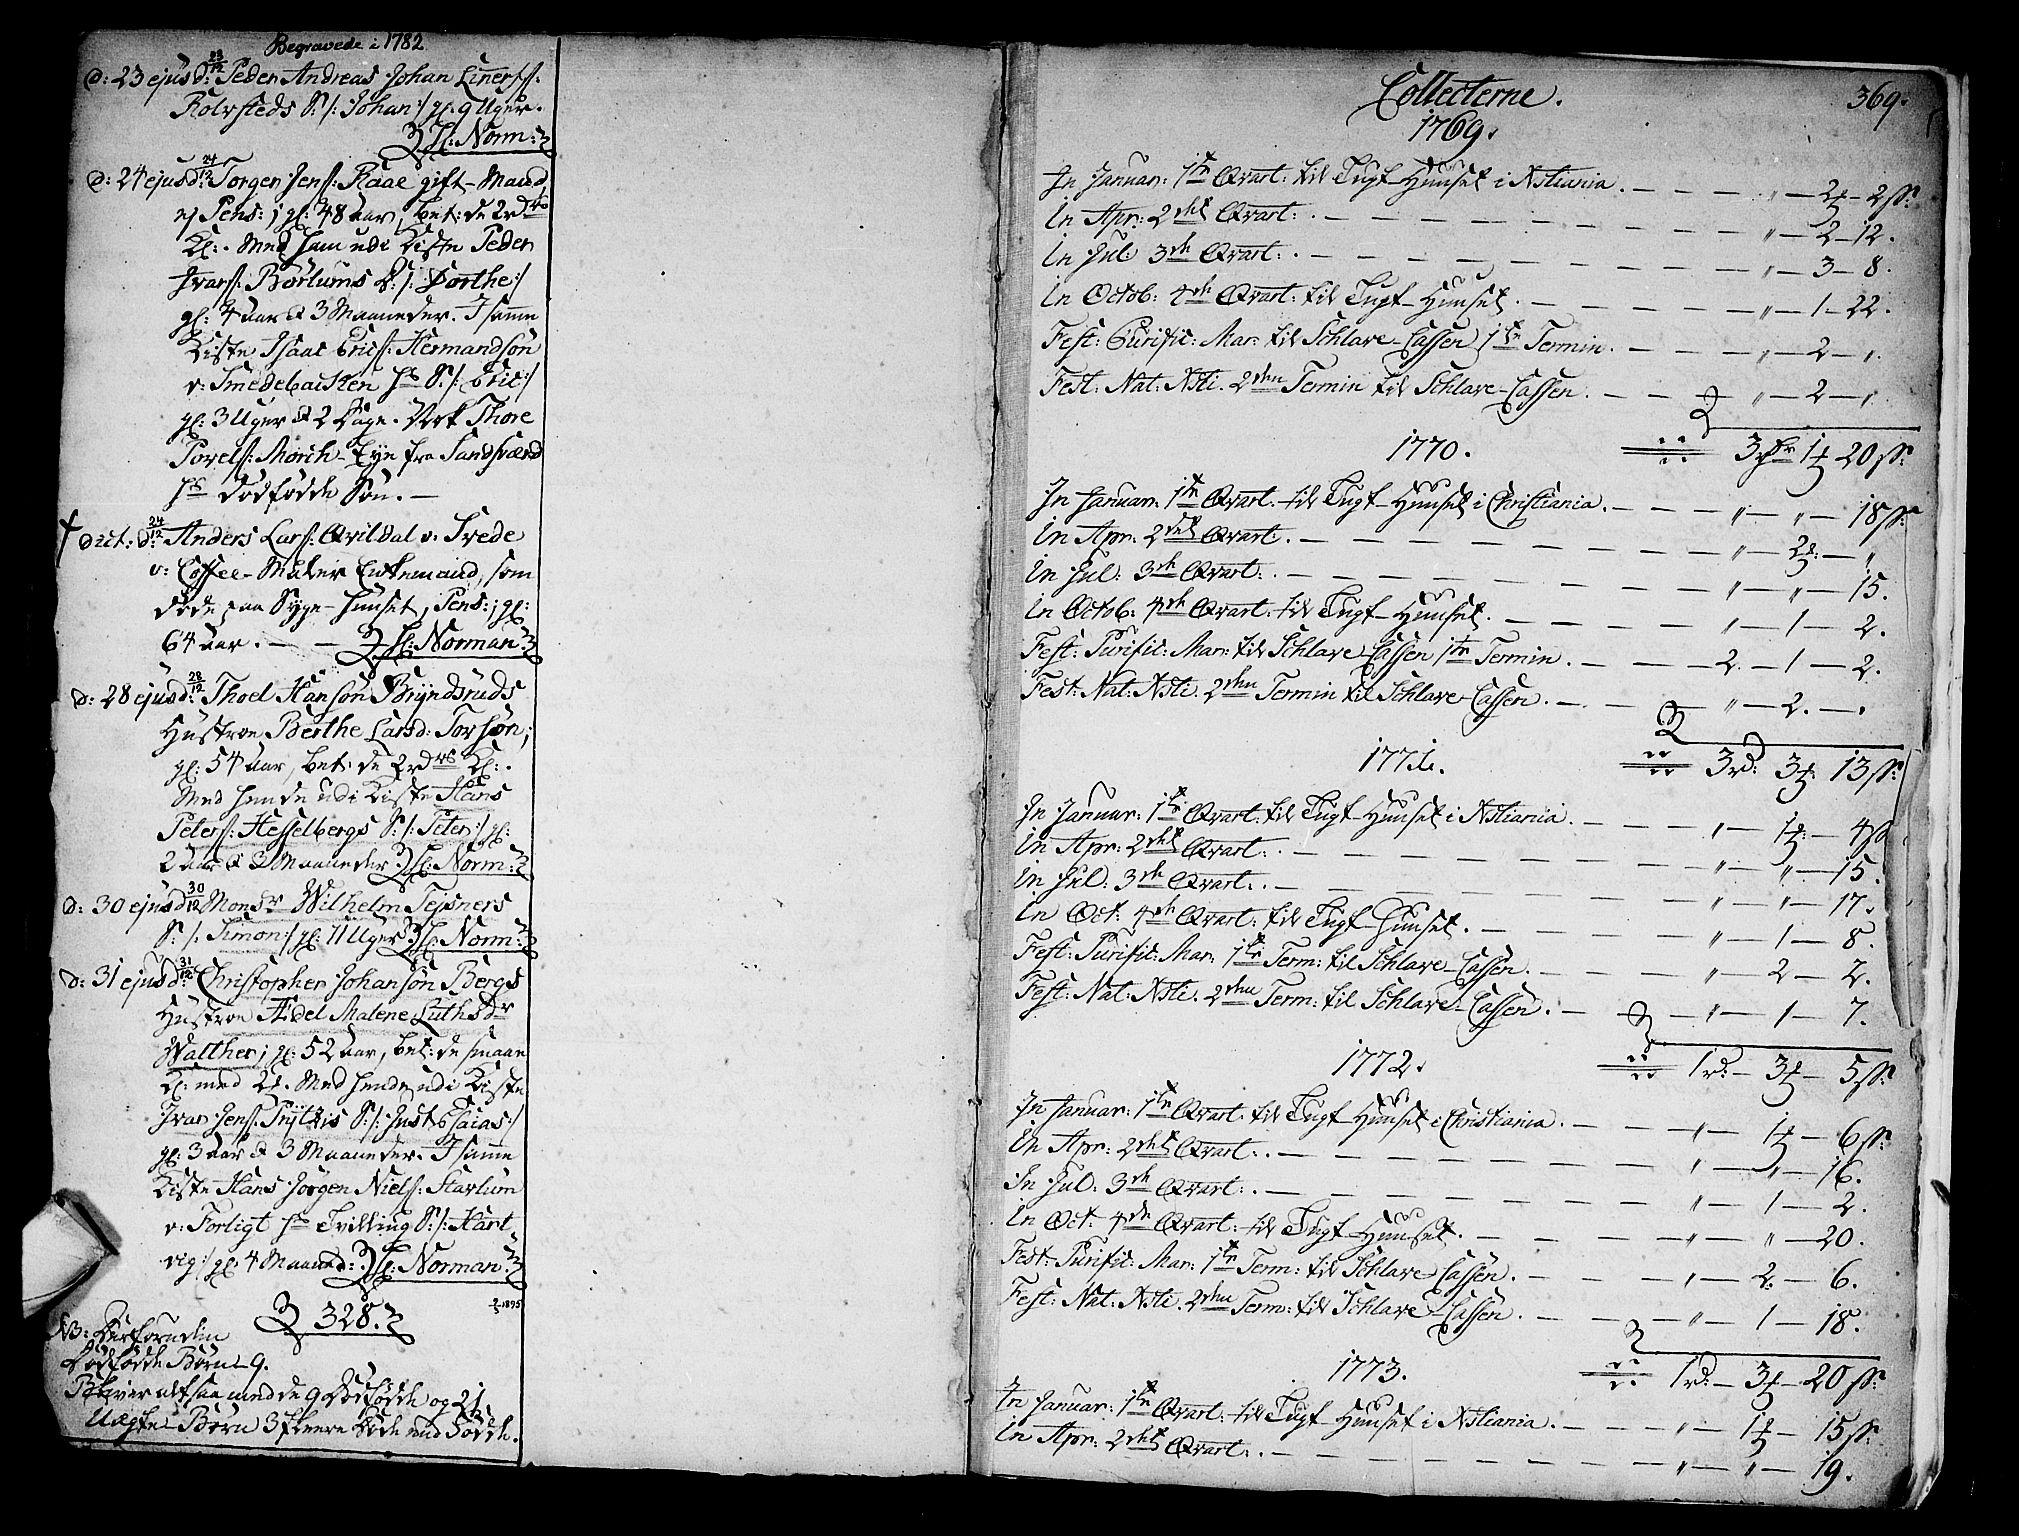 SAKO, Kongsberg kirkebøker, F/Fa/L0005: Ministerialbok nr. I 5, 1769-1782, s. 369